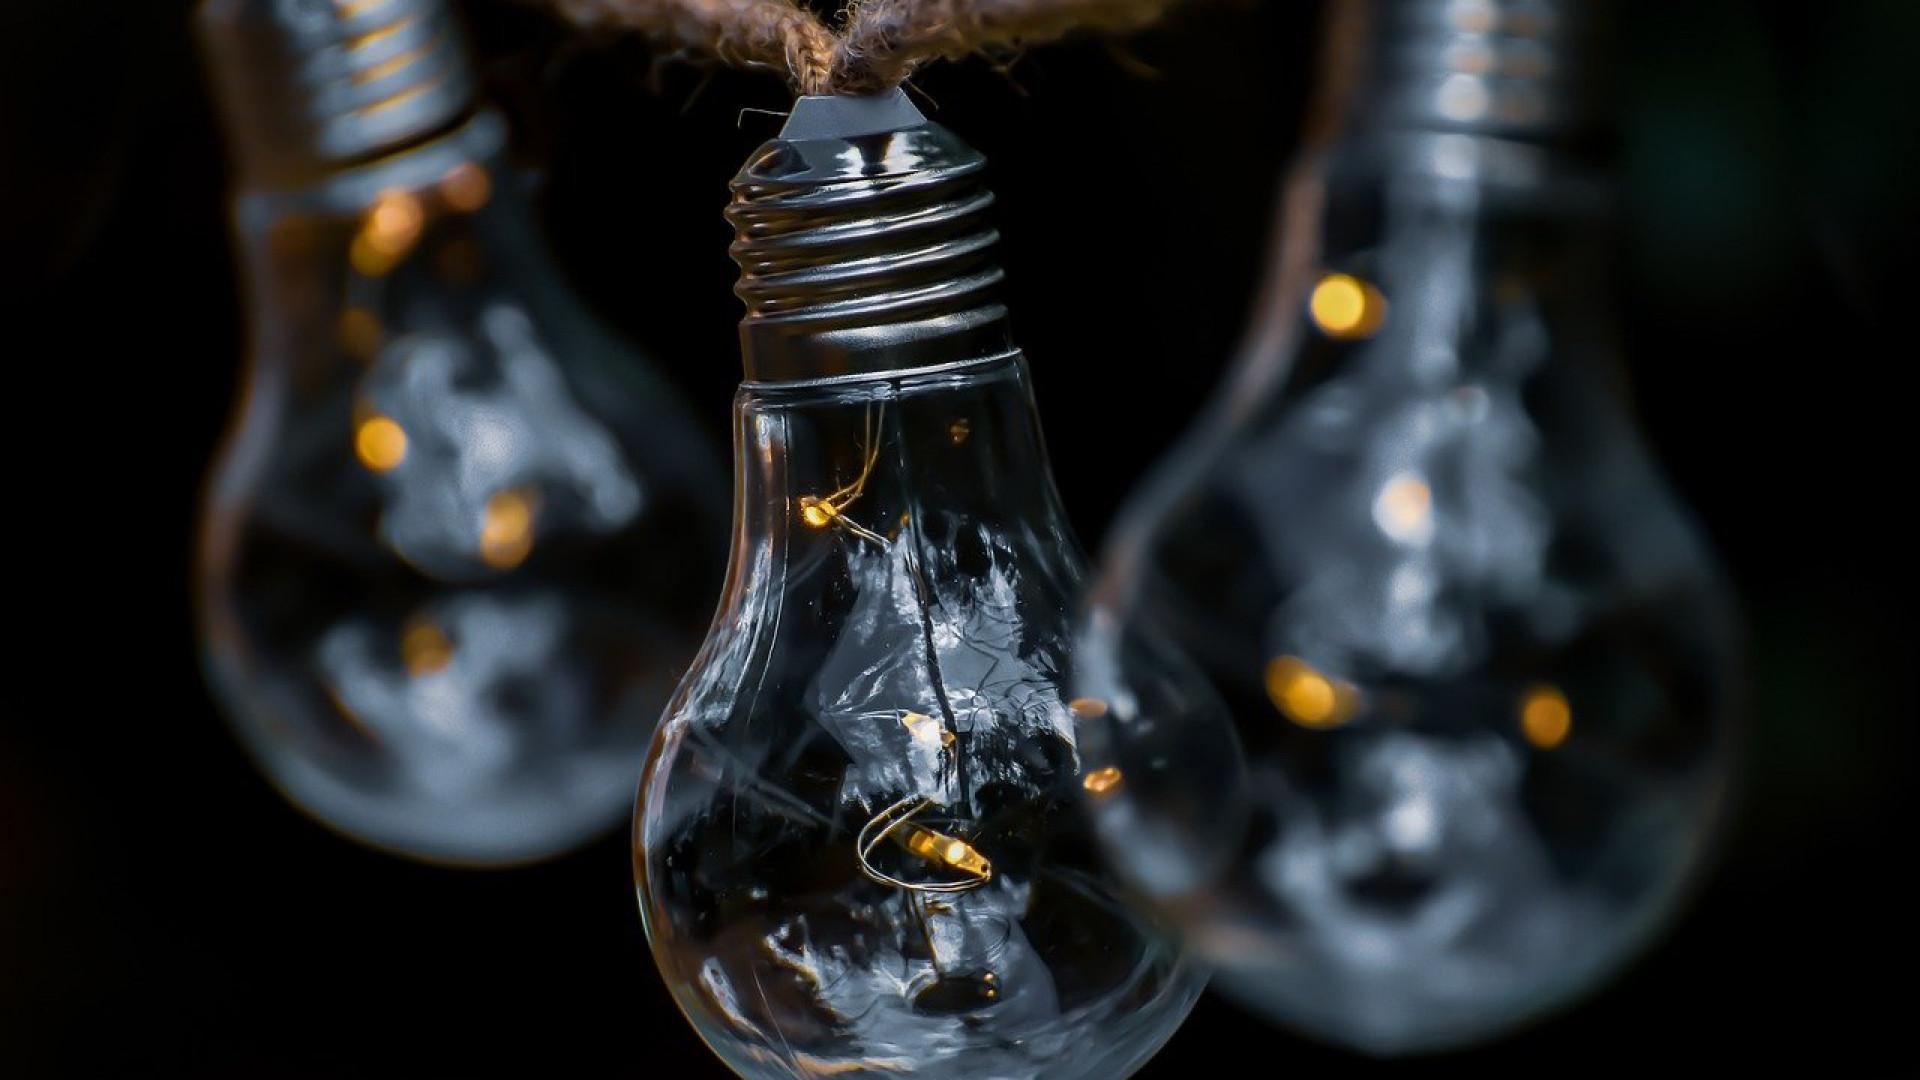 Comment lutter contre la hausse des prix de l'énergie ?